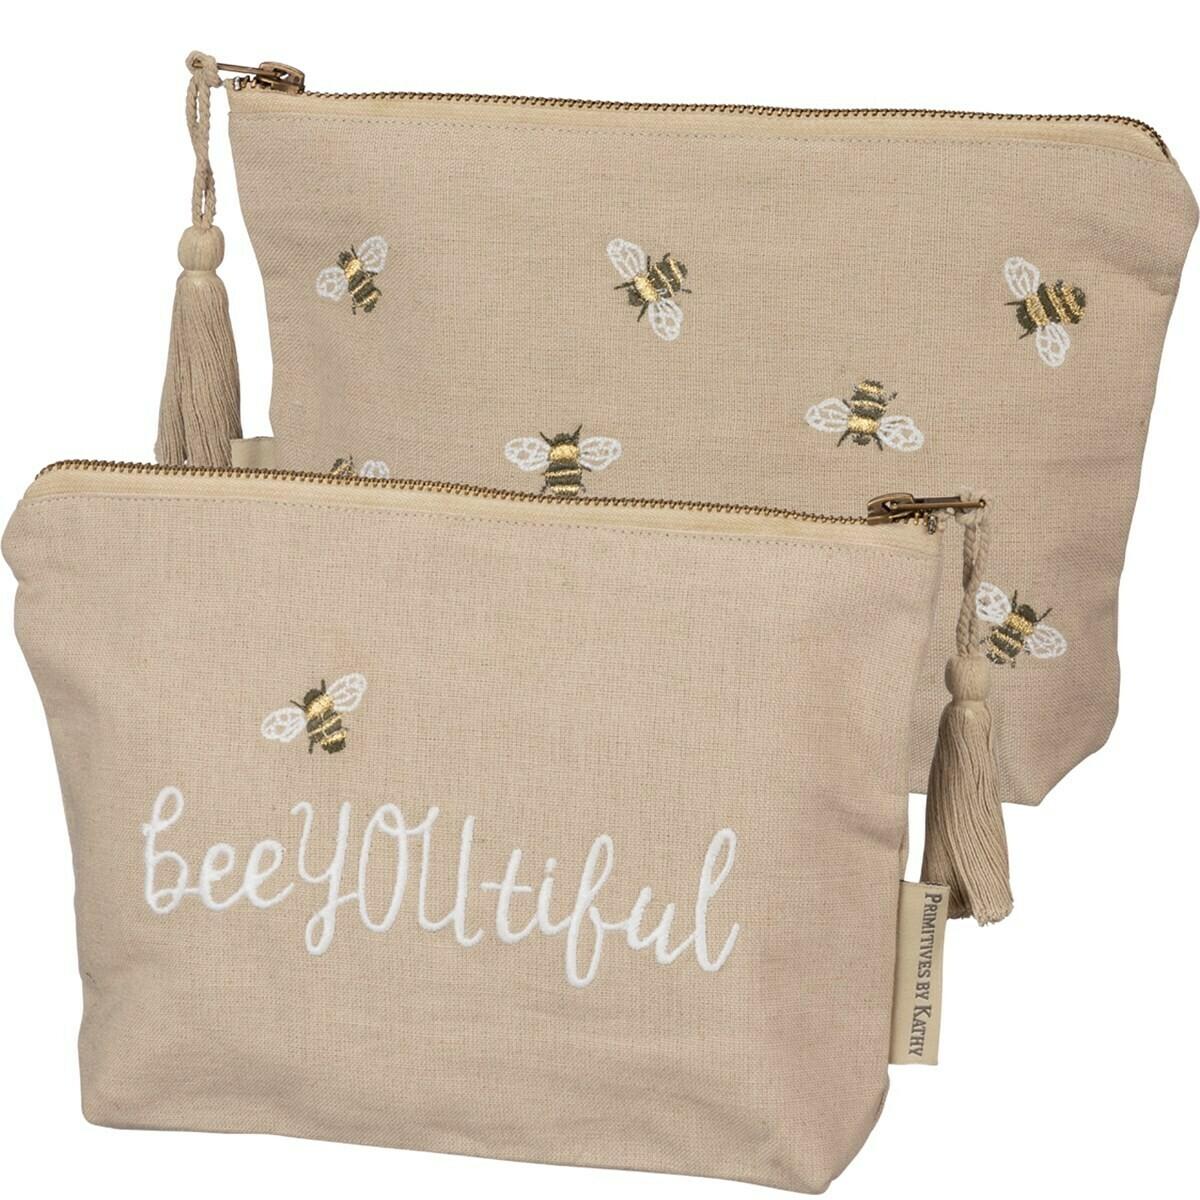 Bee You Tiful # 100193 -Zipper Pouch